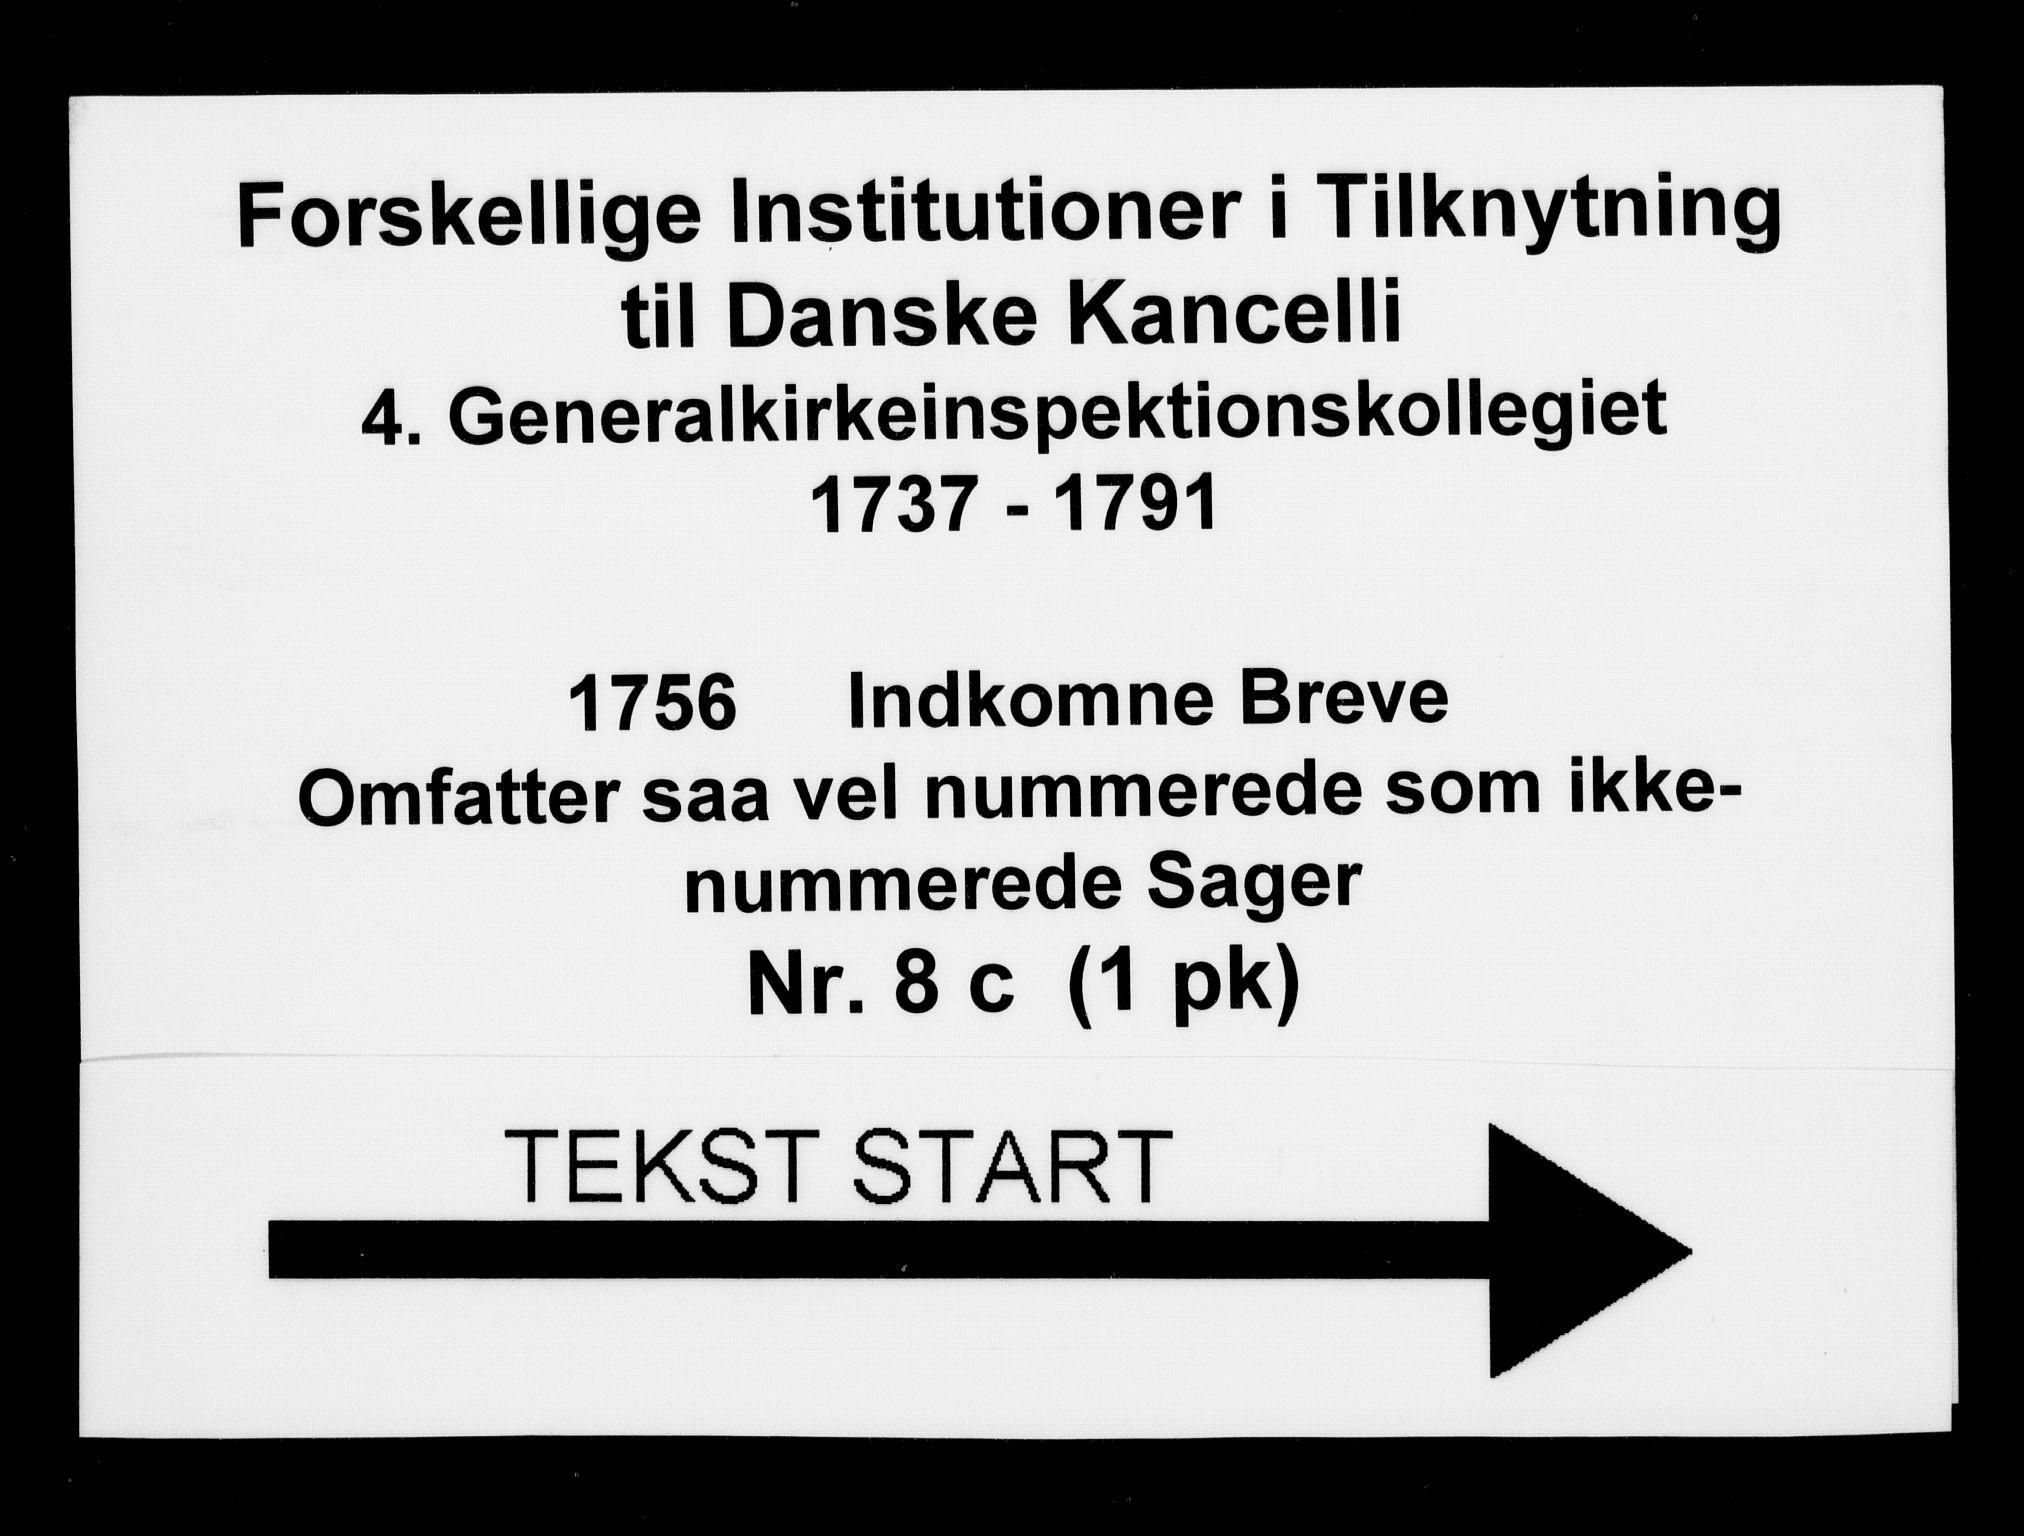 DRA, Generalkirkeinspektionskollegiet, F4-08/F4-08-03: Indkomne sager, 1756